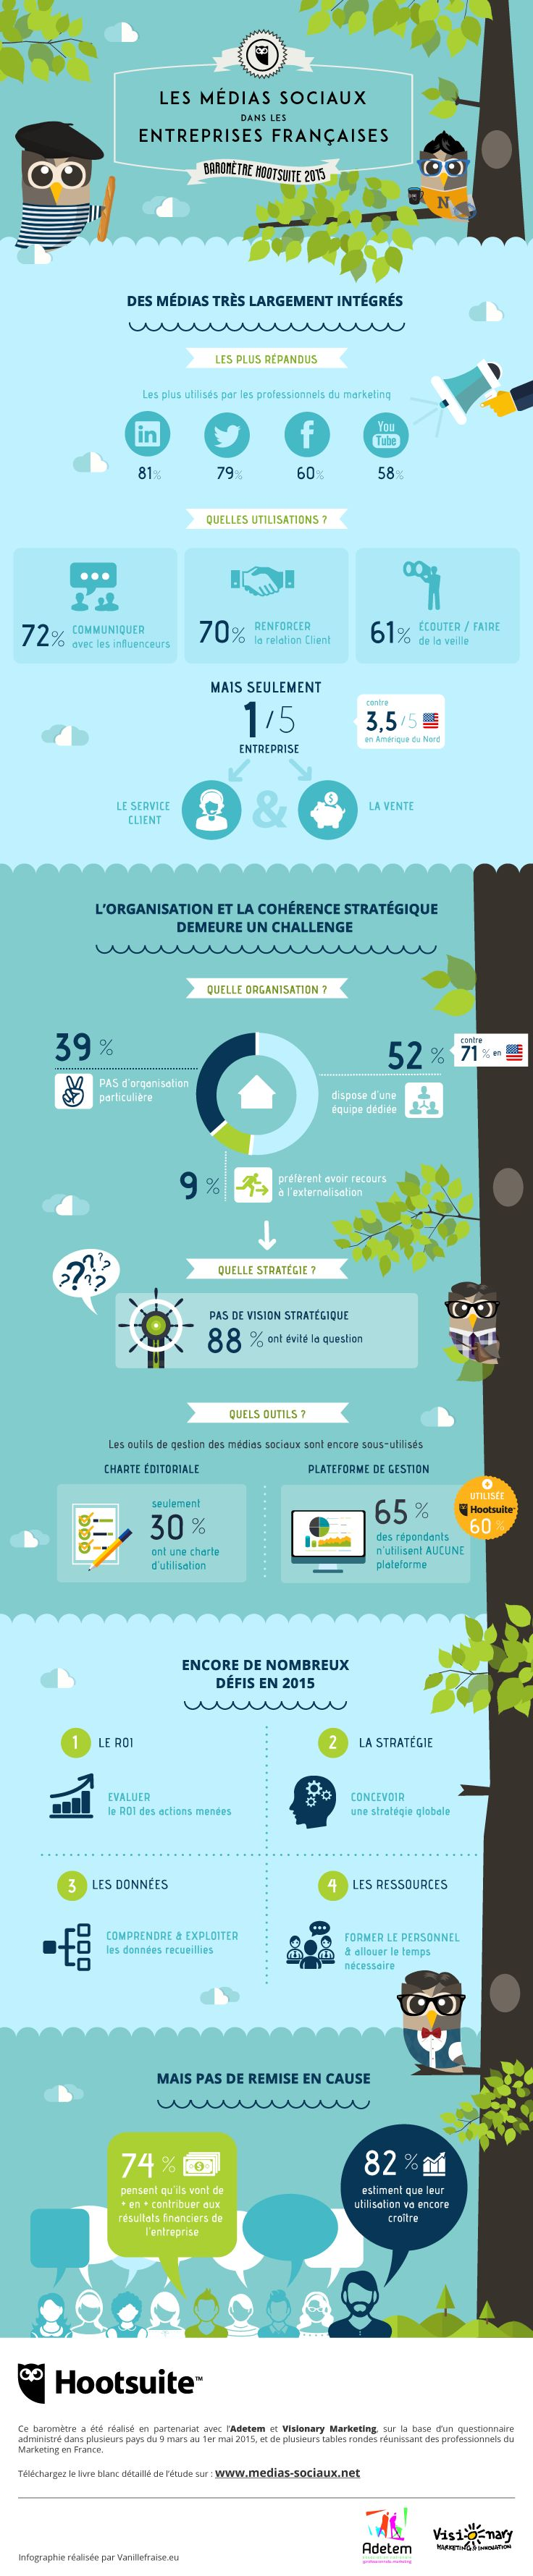 Entreprises françaises & médias sociaux : Une présence bien affirmée mais une faible vision stratégique